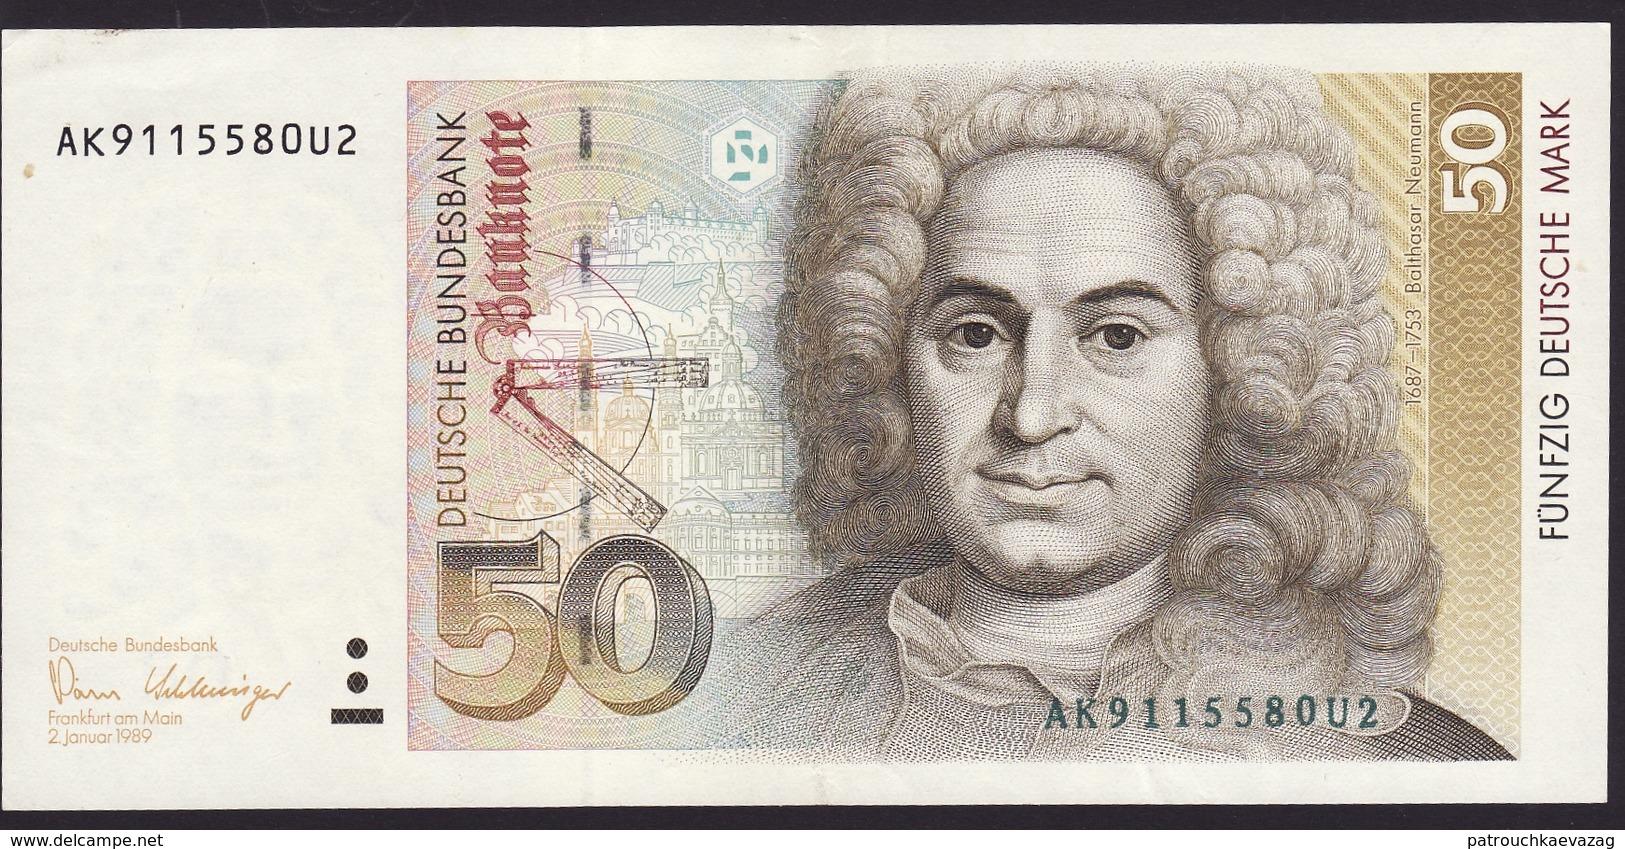 Deutsche Bundesbank- 50 DM - Geldschein Vom 2. Januar 1989 - Vorzüglich. Billet De 50 DM. Excellent - 50 Deutsche Mark